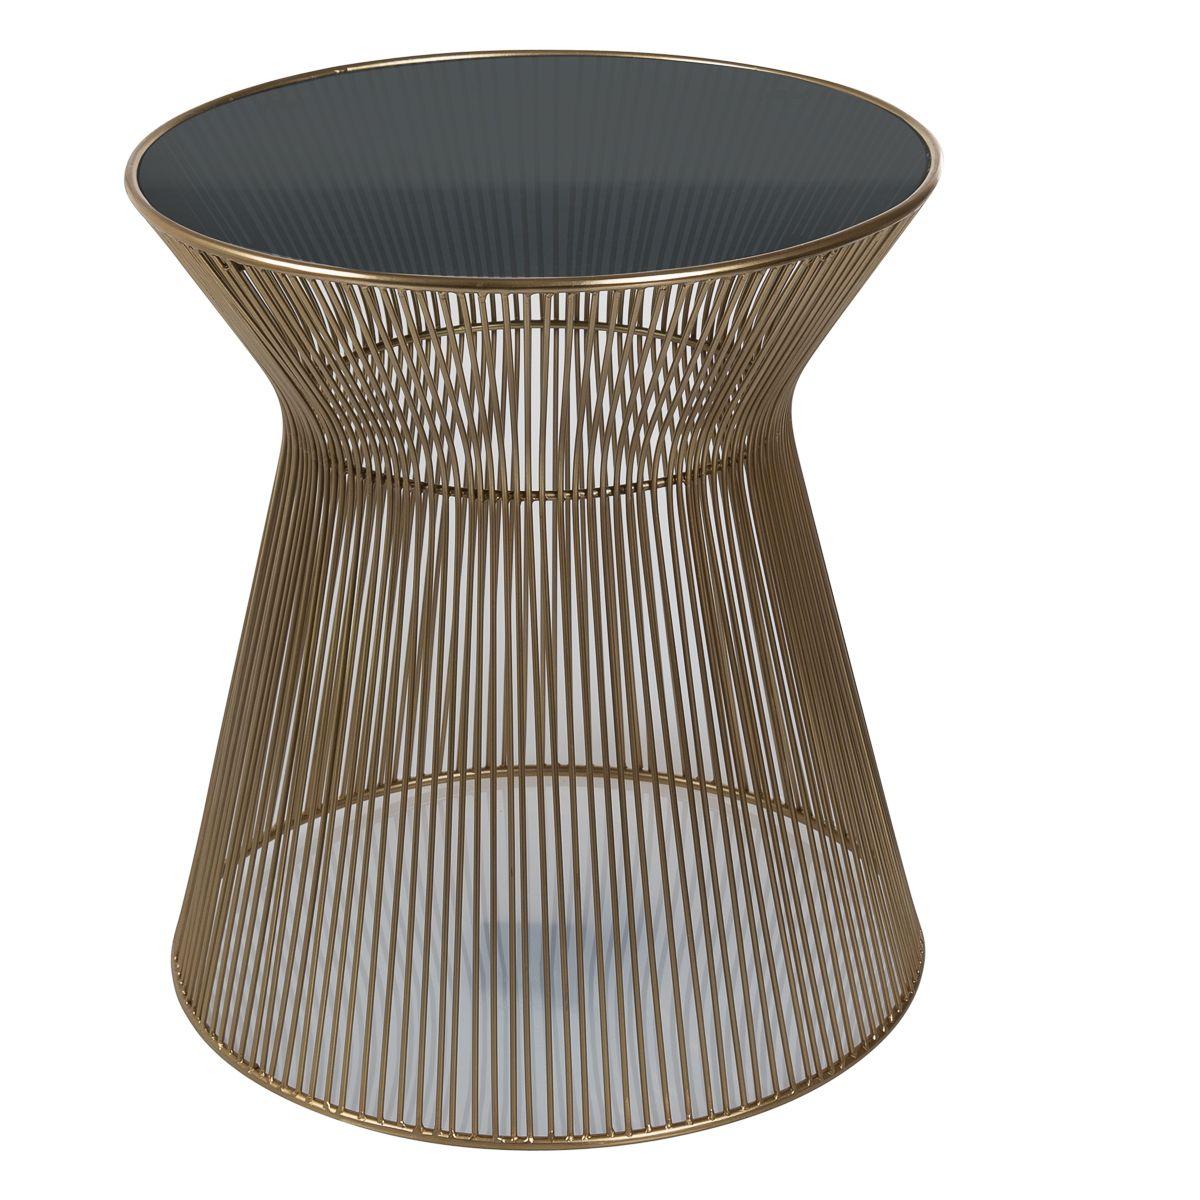 Bout de canapé en métal et verre trempé toria